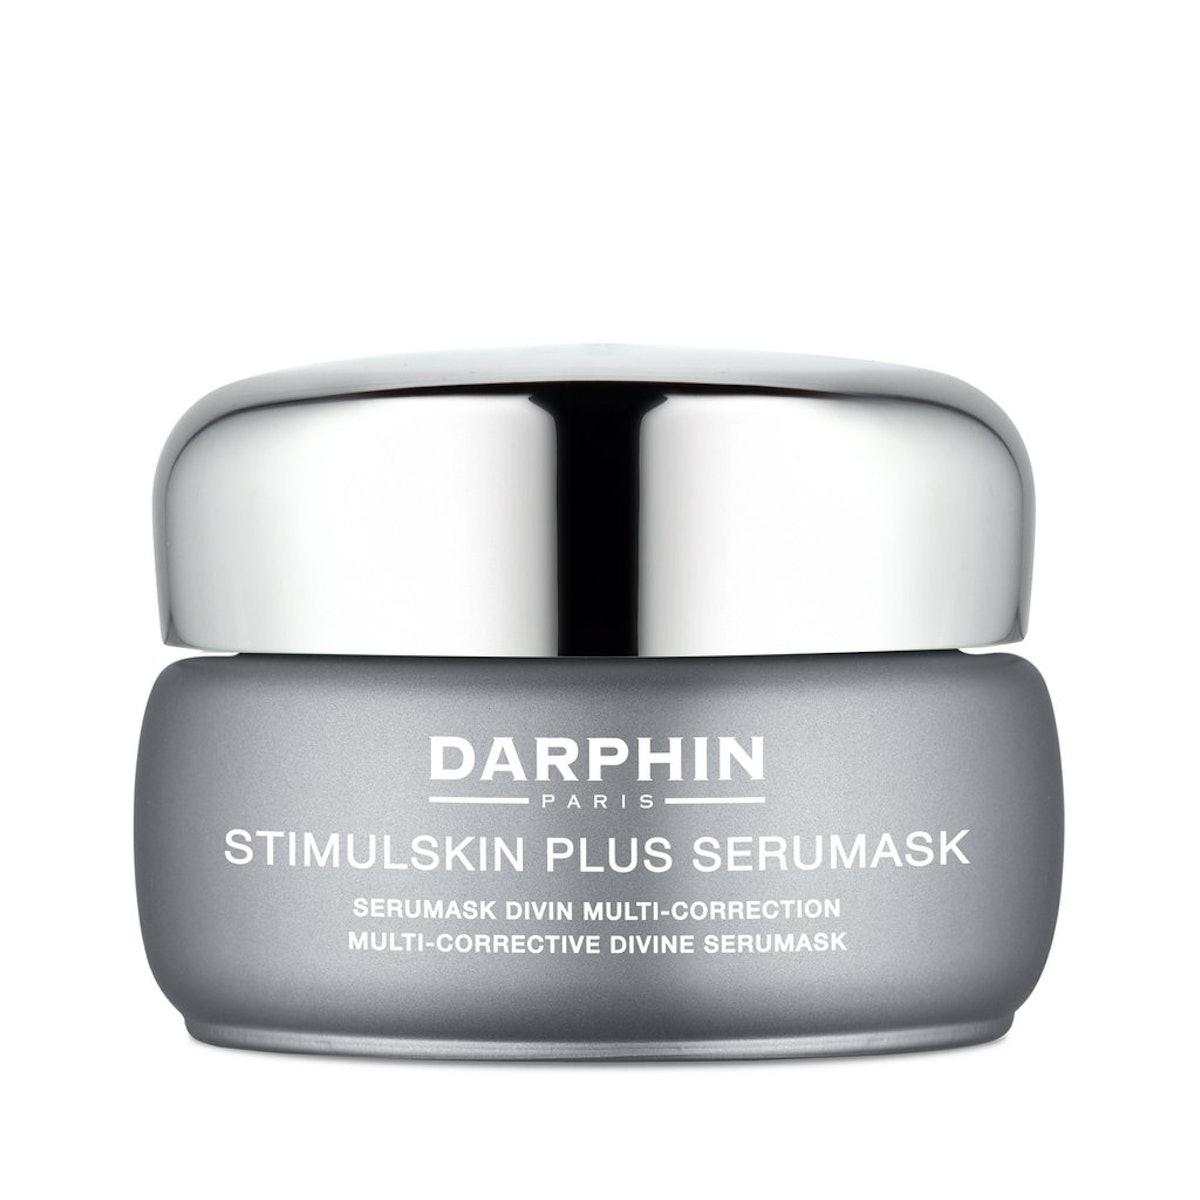 Darphin Stimulskin Plus Multi-Corrective Divine Serumask